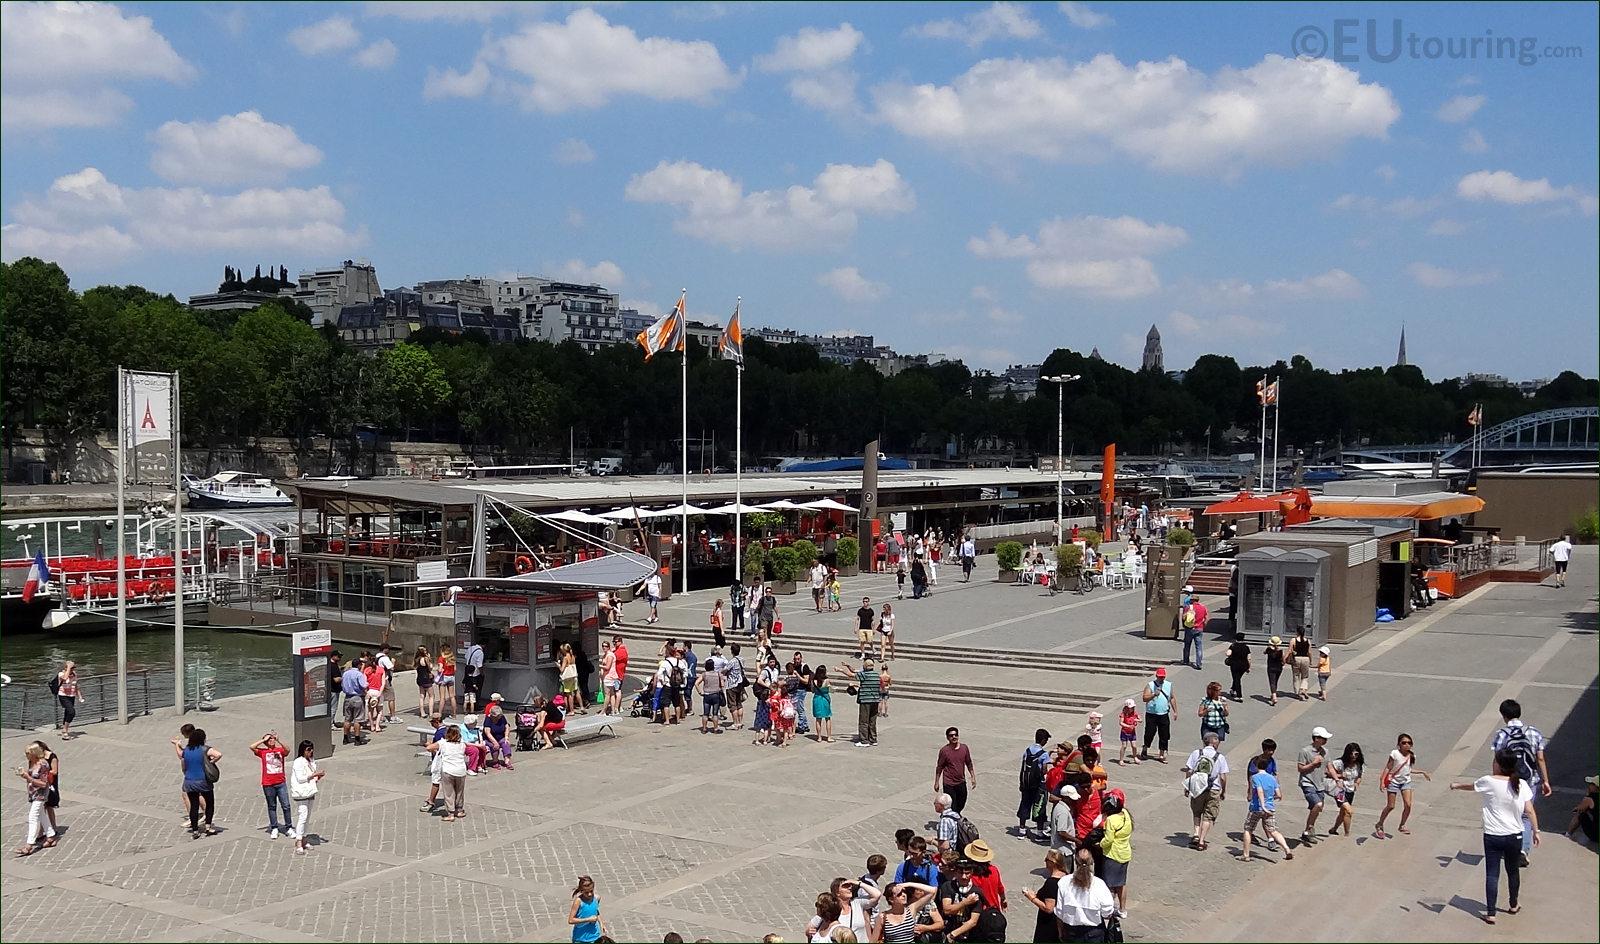 Hd photos of the bateaux parisiens sightseeing cruise - Bateaux parisiens port de la bourdonnais horaires ...